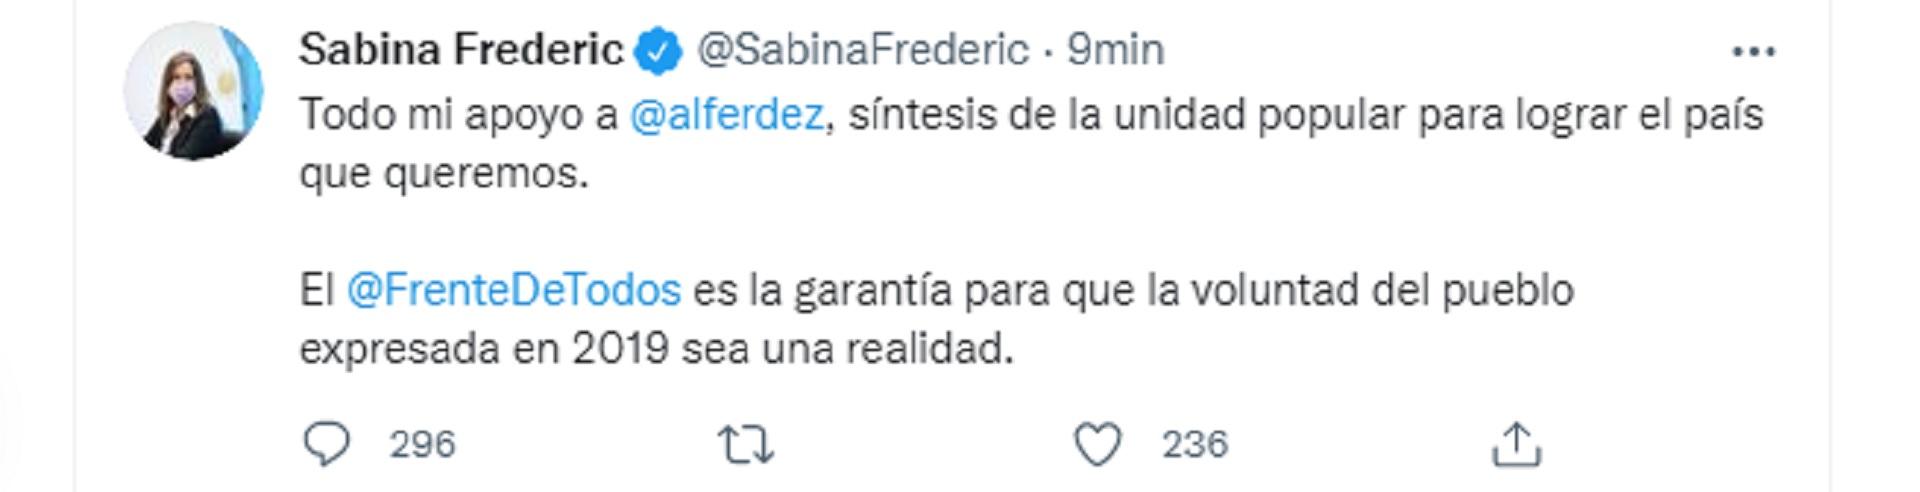 El mensaje de apoyo a Alberto Fernández en medio de la crisis institucional